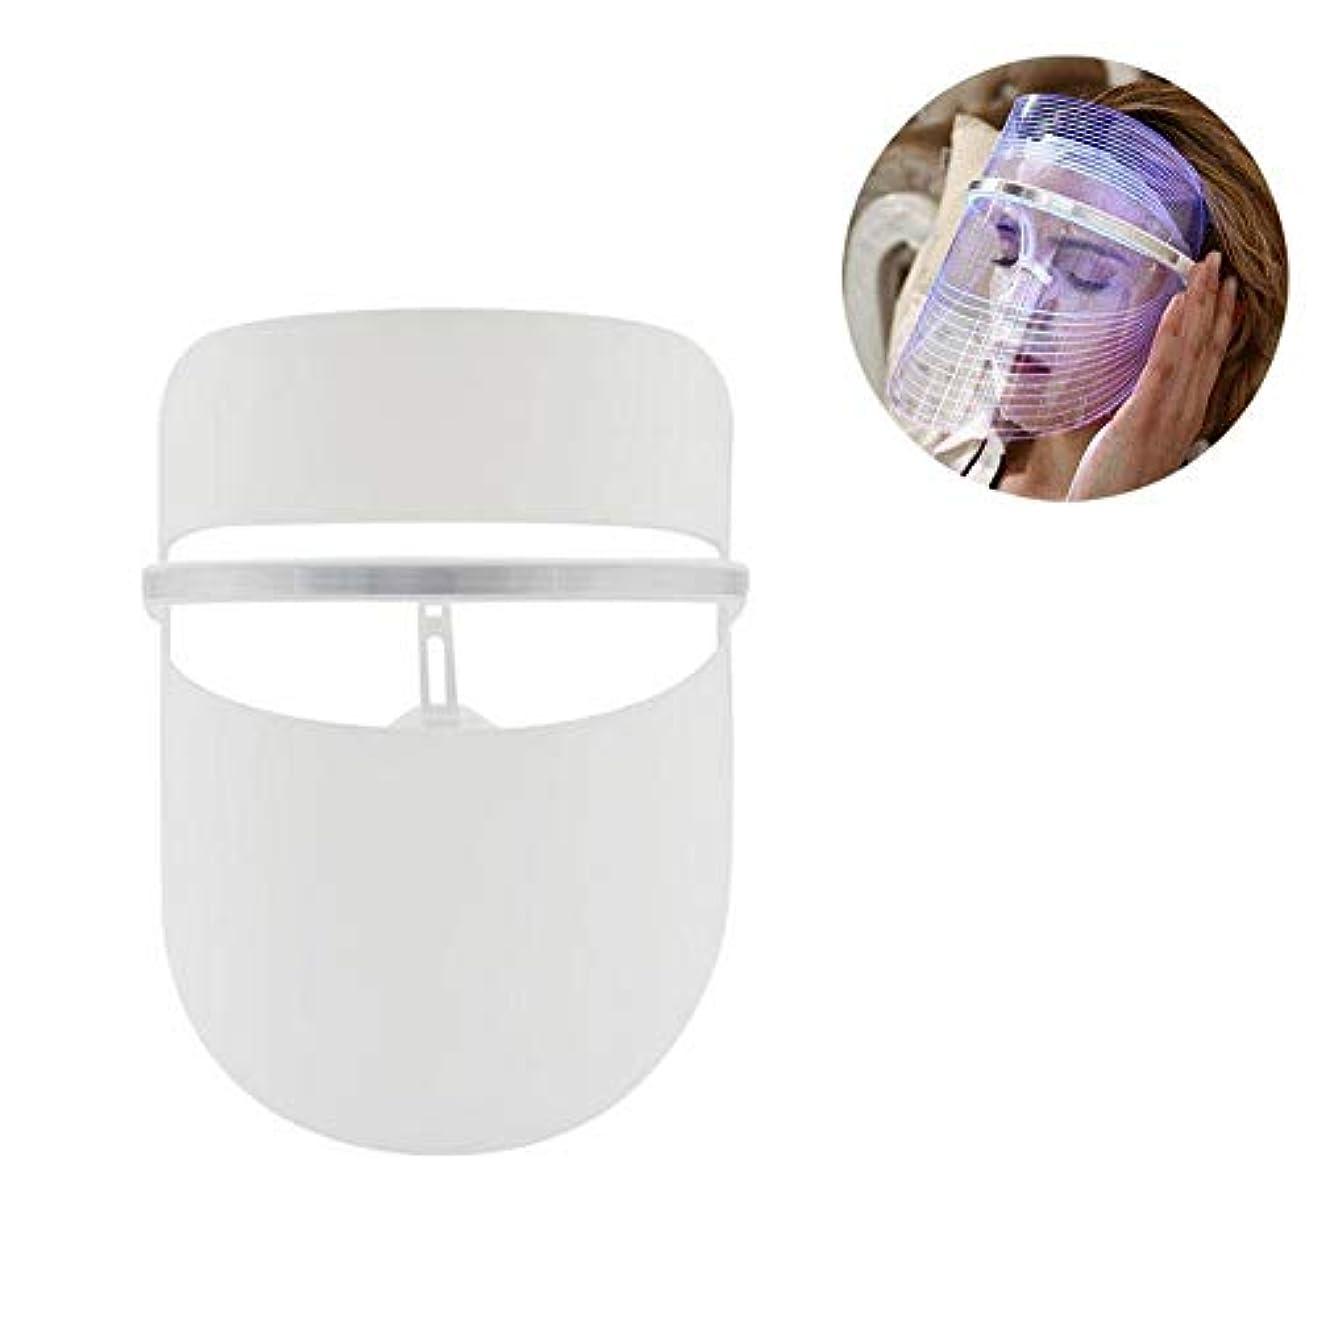 ビヨンながらアーティキュレーション3色LEDライトフェイスマスクしわ除去フェイシャルライトセラピーアンチエイジングシワフェイシャルスキンケアマスク